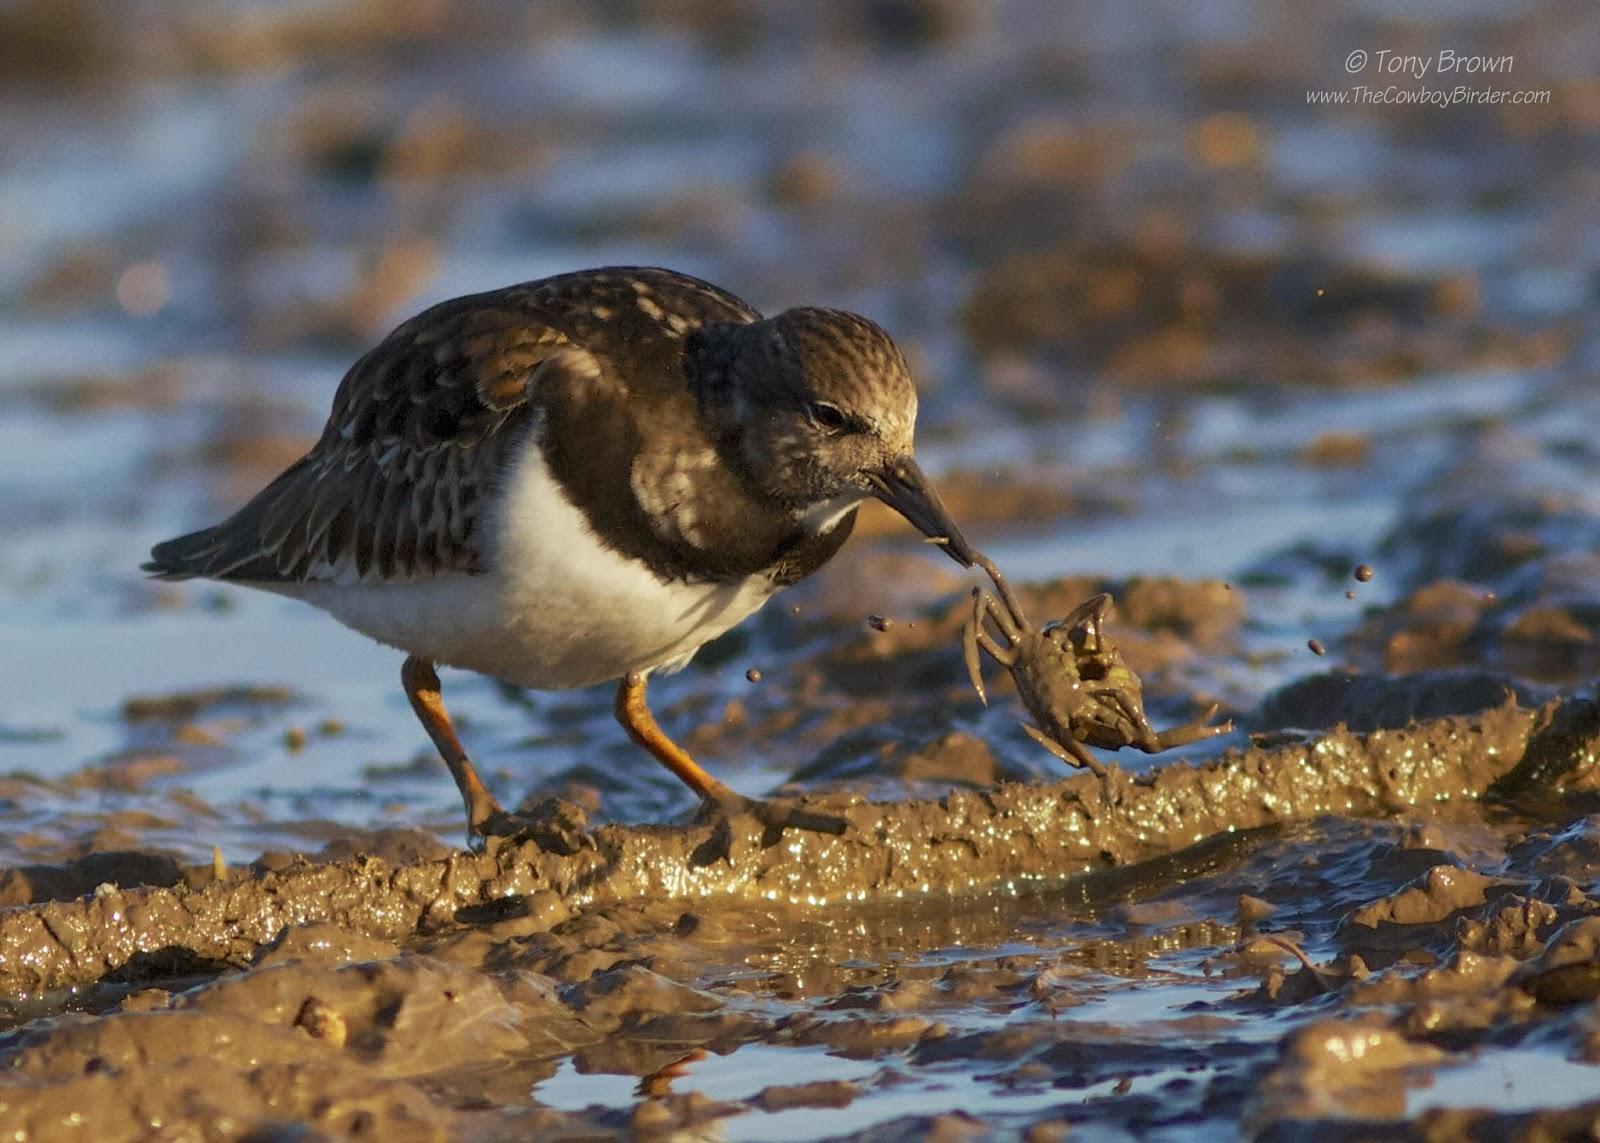 Feeding, Crustaceans, Molluscs, Crab